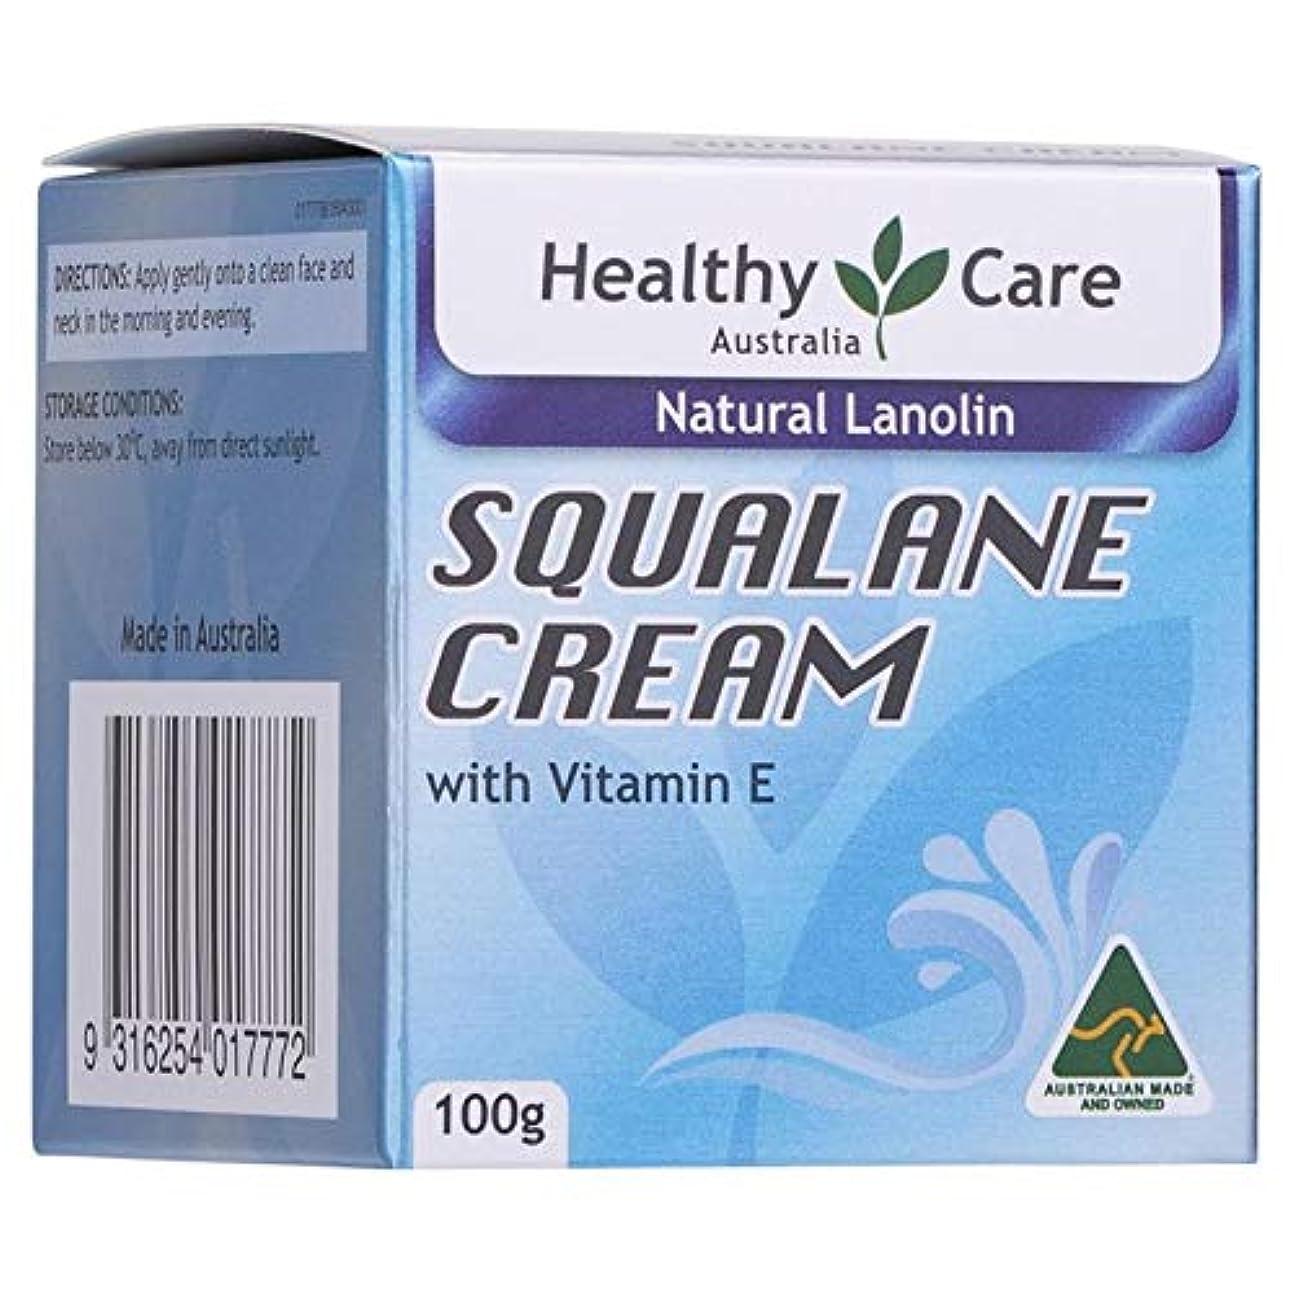 強大な胴体びっくり[Healthy Care] スクワラン クリーム ビタミンE配合 (SQUALANE CREAM with Vitamin E) 100g 【海外直送品】